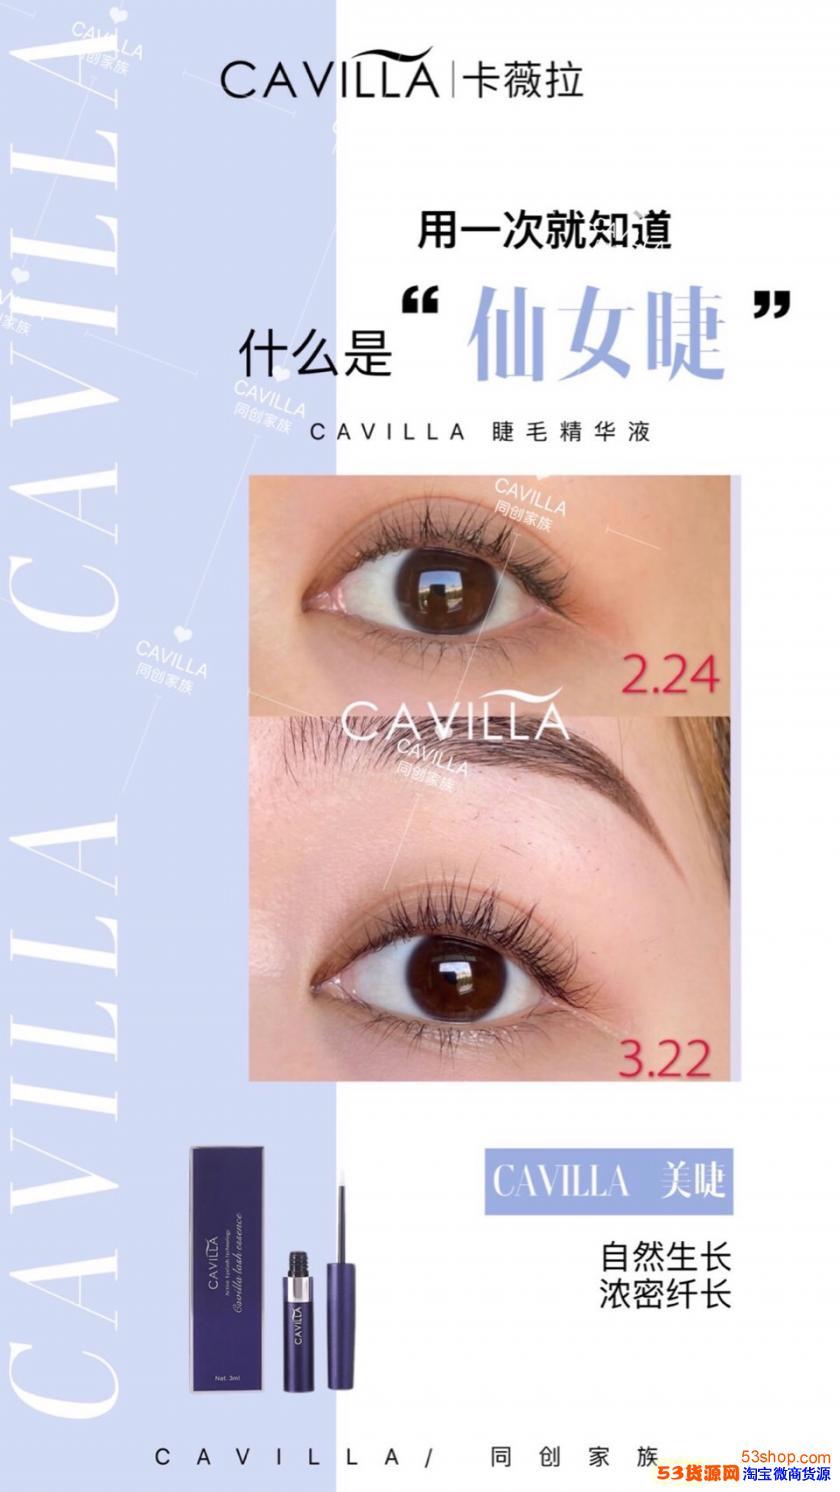 卡维拉睫毛增长液含有大量激素,你还敢用吗?